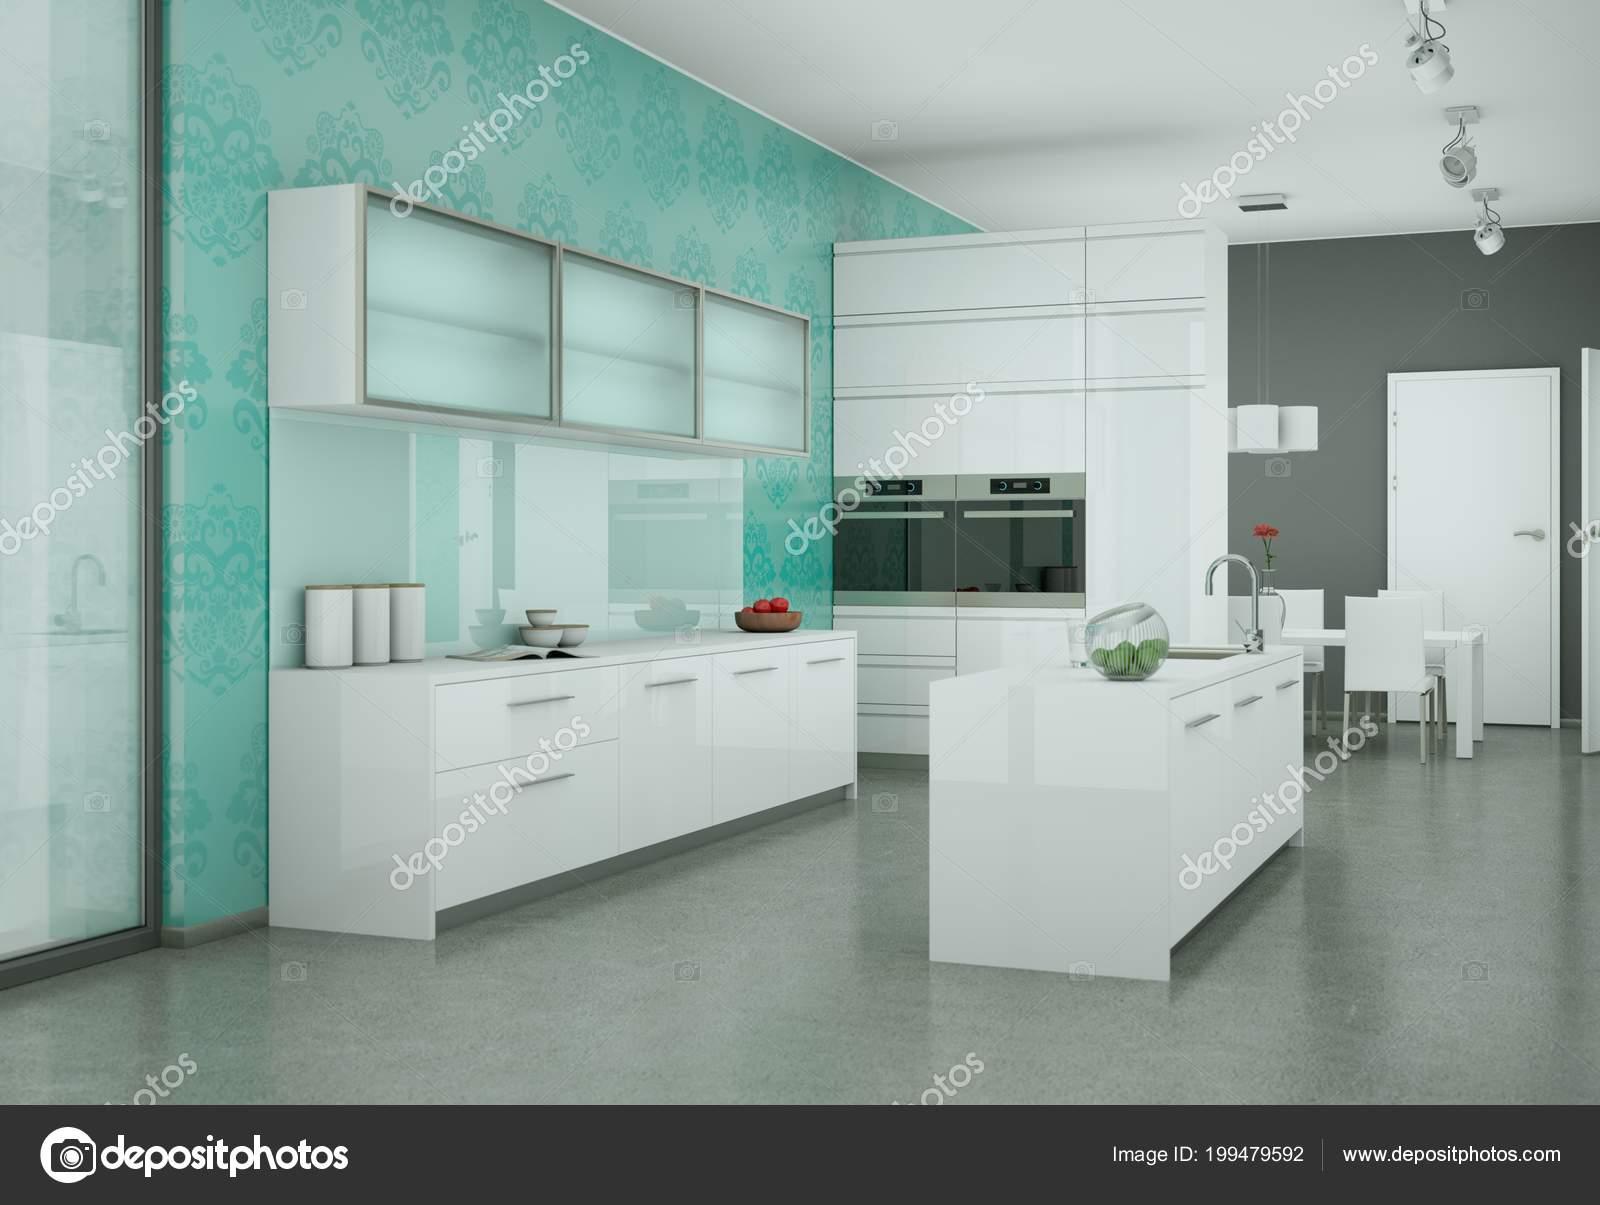 Weiße moderne Küche mit Vintage Tapete — Stockfoto © virtua73 #199479592